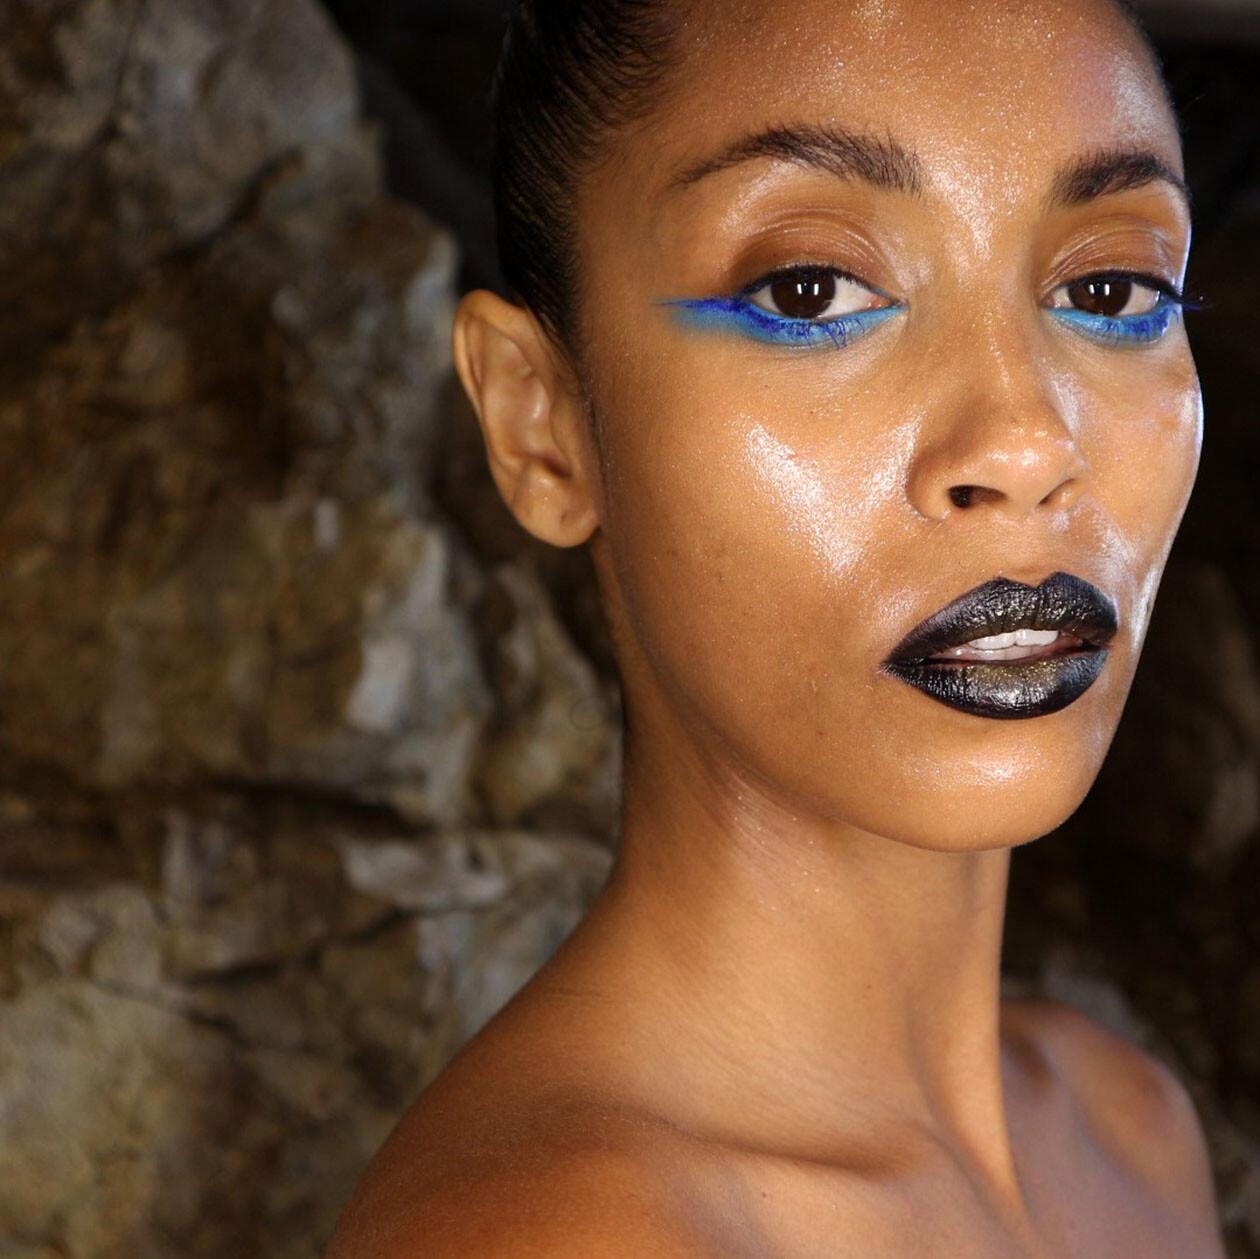 μακιγιαζ φωτογραφισης glass skin